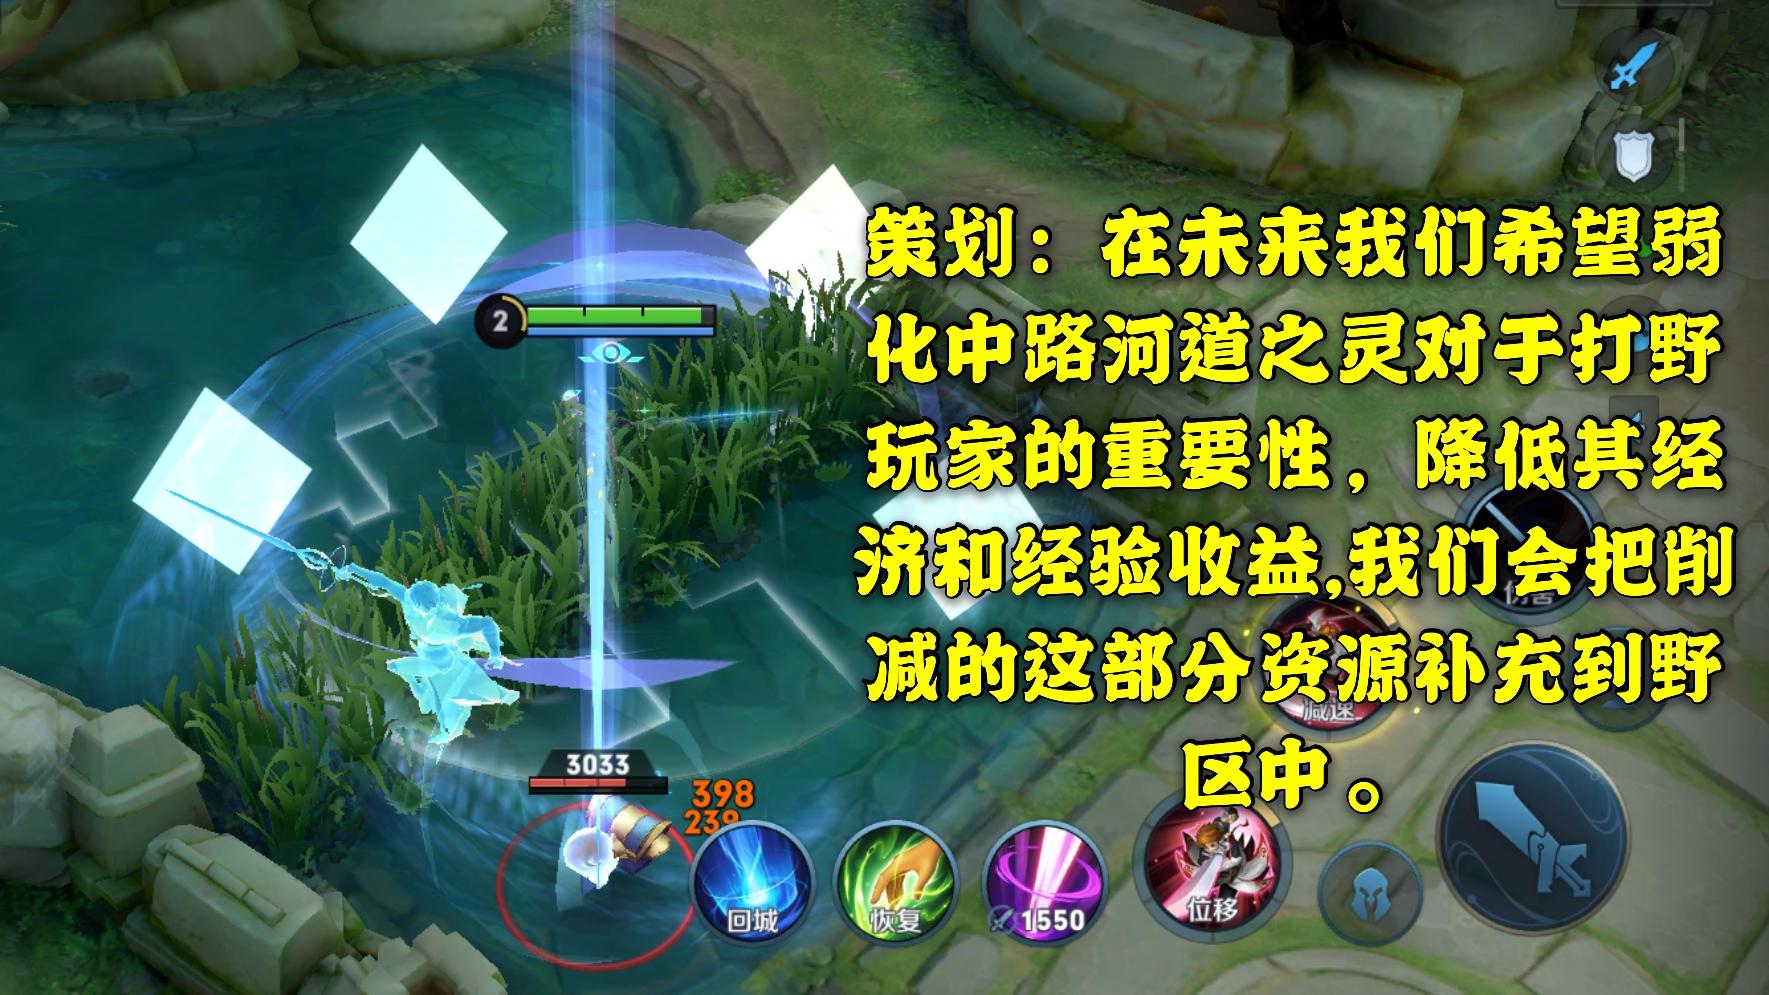 王者荣耀:下个版本打野机制大调整,中路玩家终于熬出头